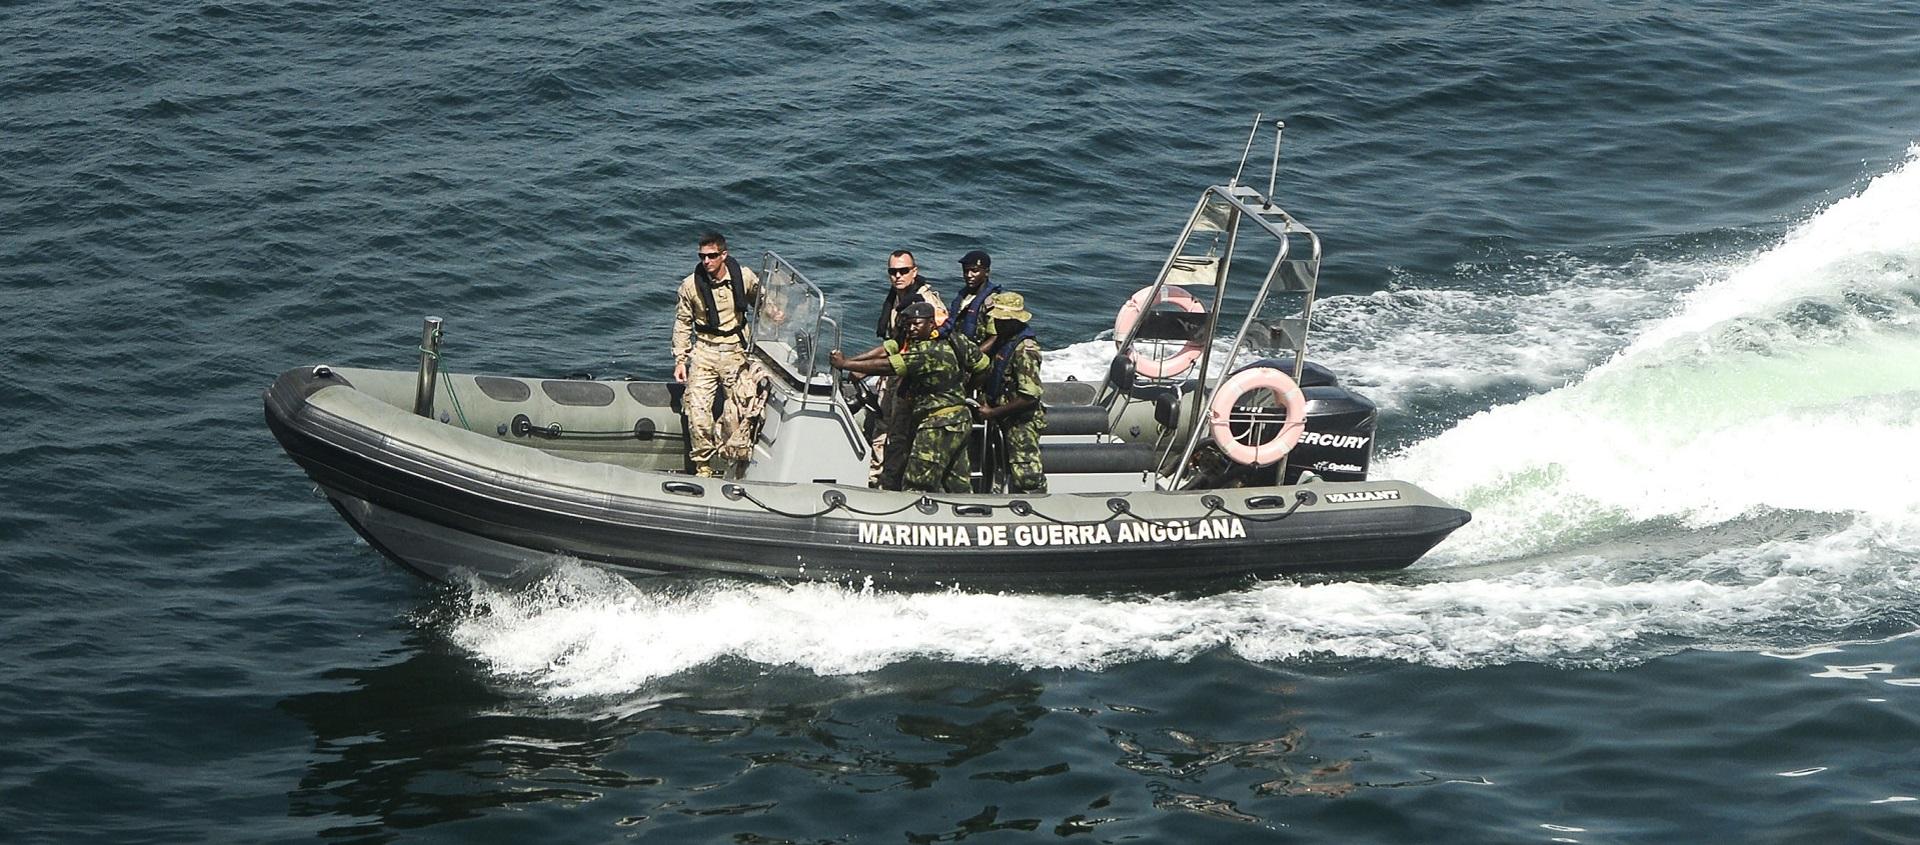 Avanços pretendidos para o domínio situacional marítimo em Angola